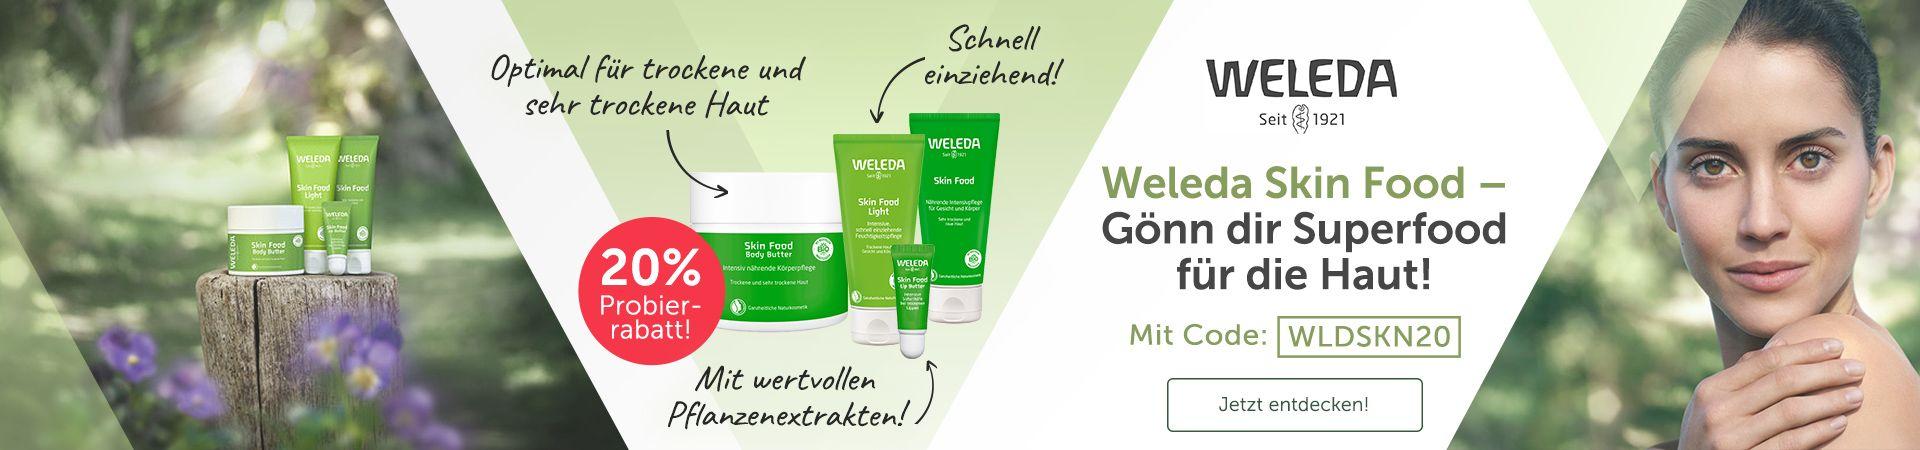 Weleda Skin Food Produkte, Gesunde Frau mit frischer Haut.